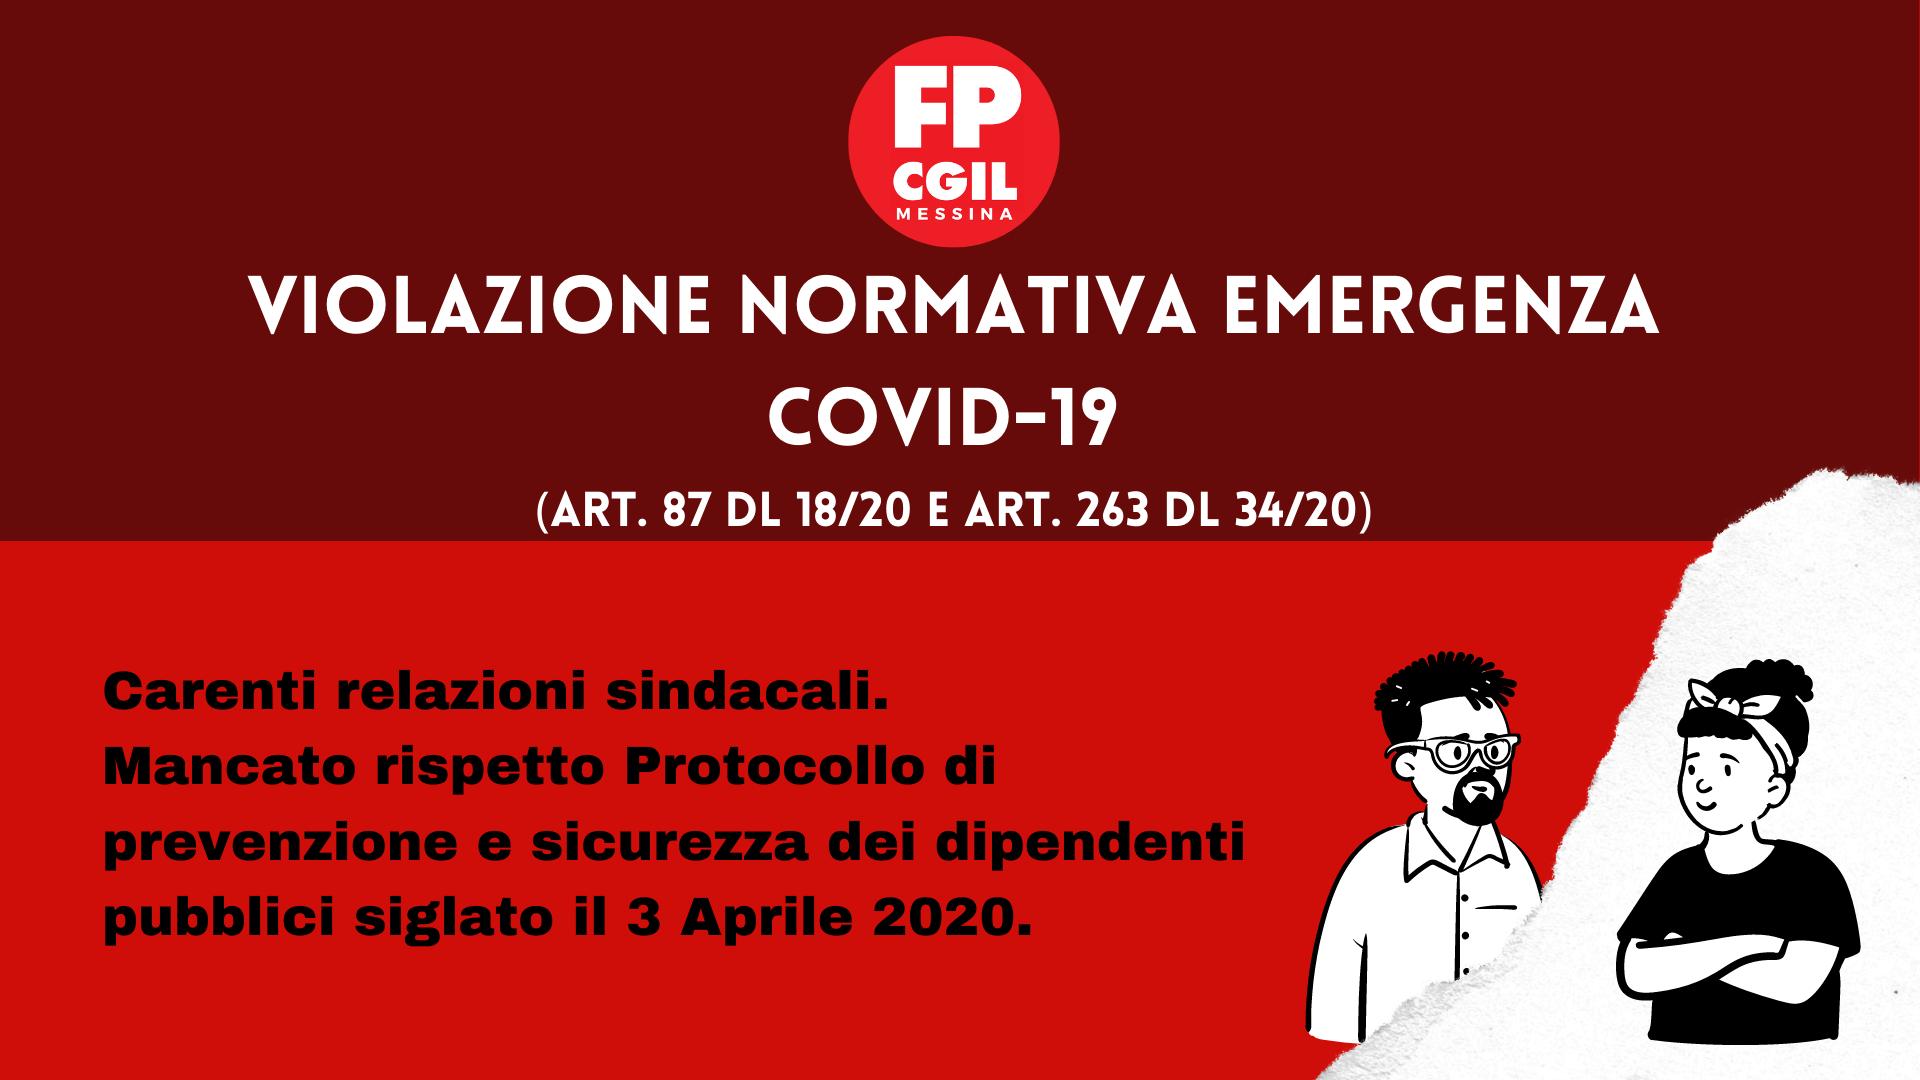 Violazione normativa emergenza COVID-19 (art. 87 DL 18/20 e art. 263 DL 34/20). Carenti relazioni sindacali. Mancato rispetto Protocollo di prevenzione e sicurezza dei dipendenti pubblici siglato il 3 Aprile 2020.